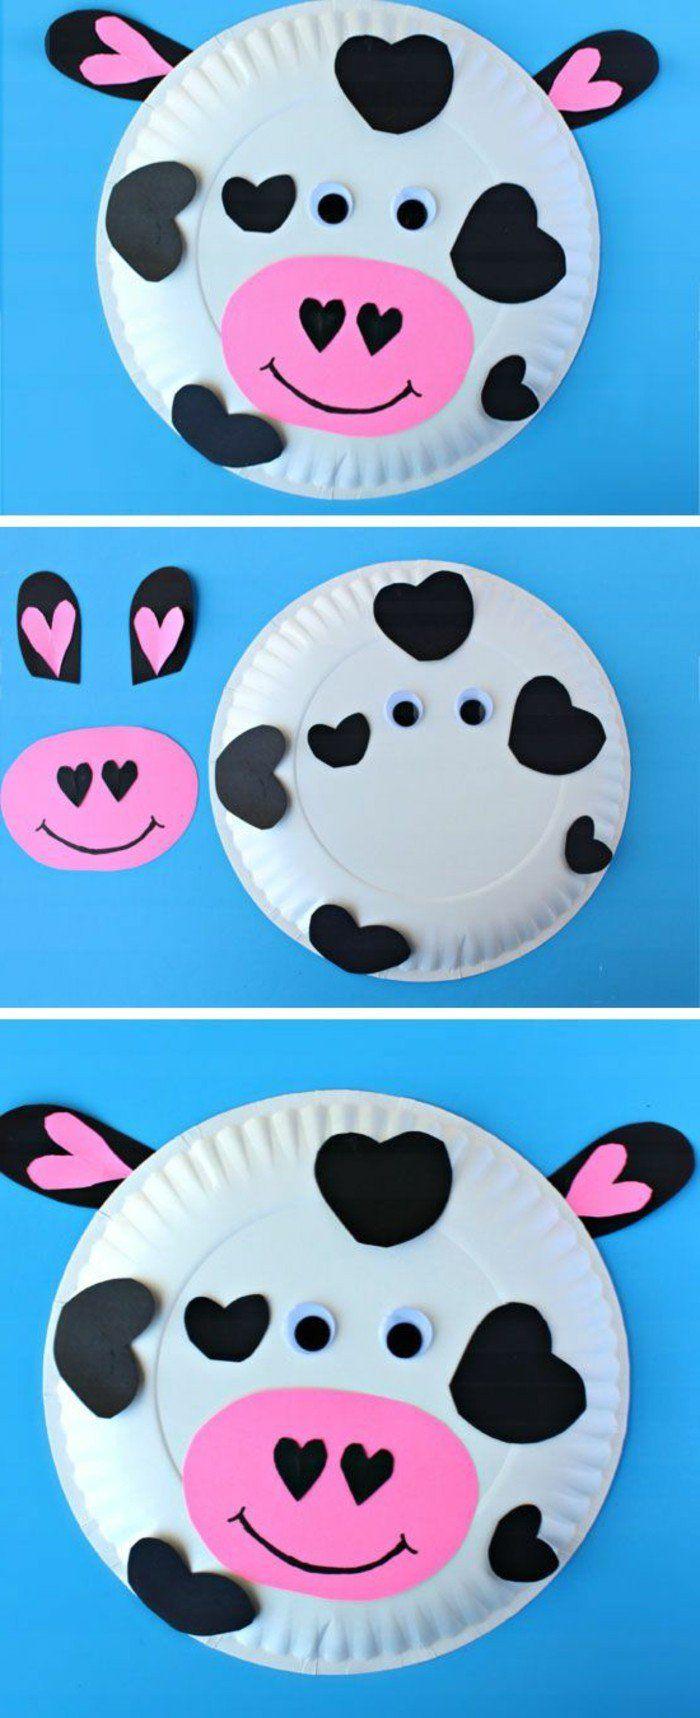 une-assiette-en-papier-transformée-en-vache-des-taches-noires-museau-et-oreilles-en-papier-des-yeux-mobiles-activité-manuelle-printemps-maternelle